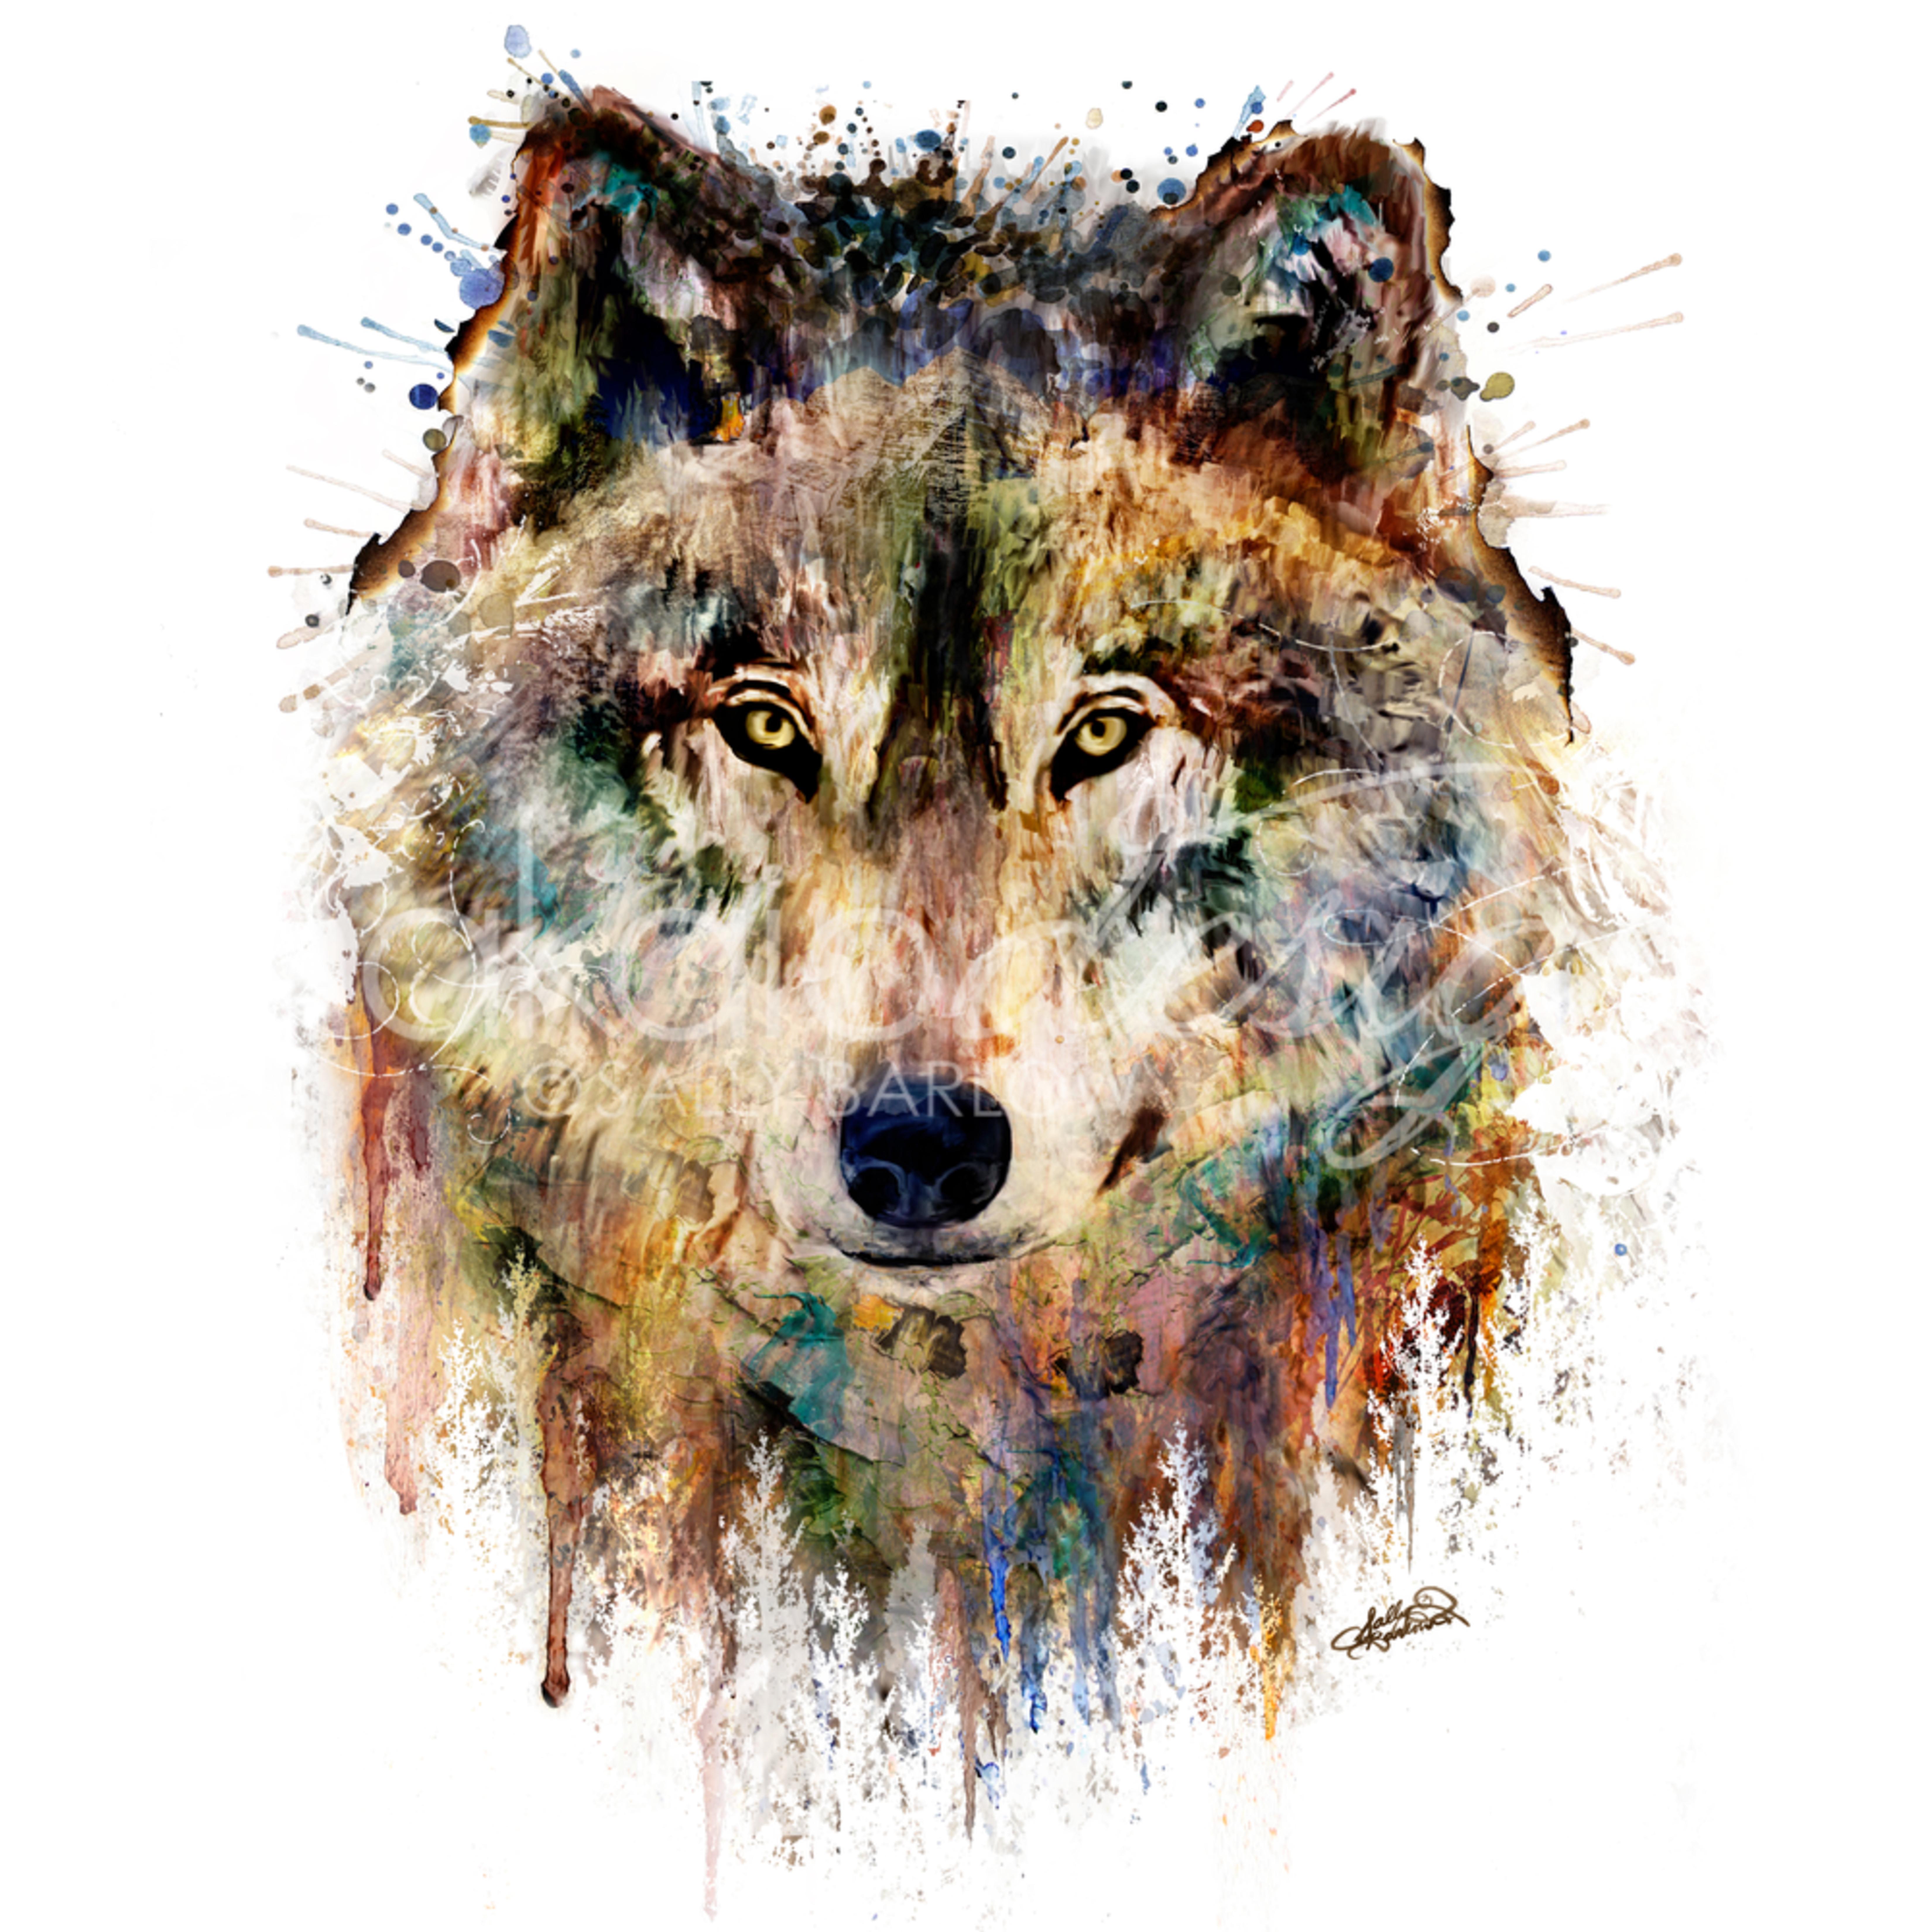 Timberwolf revised new16x20 zmym3z